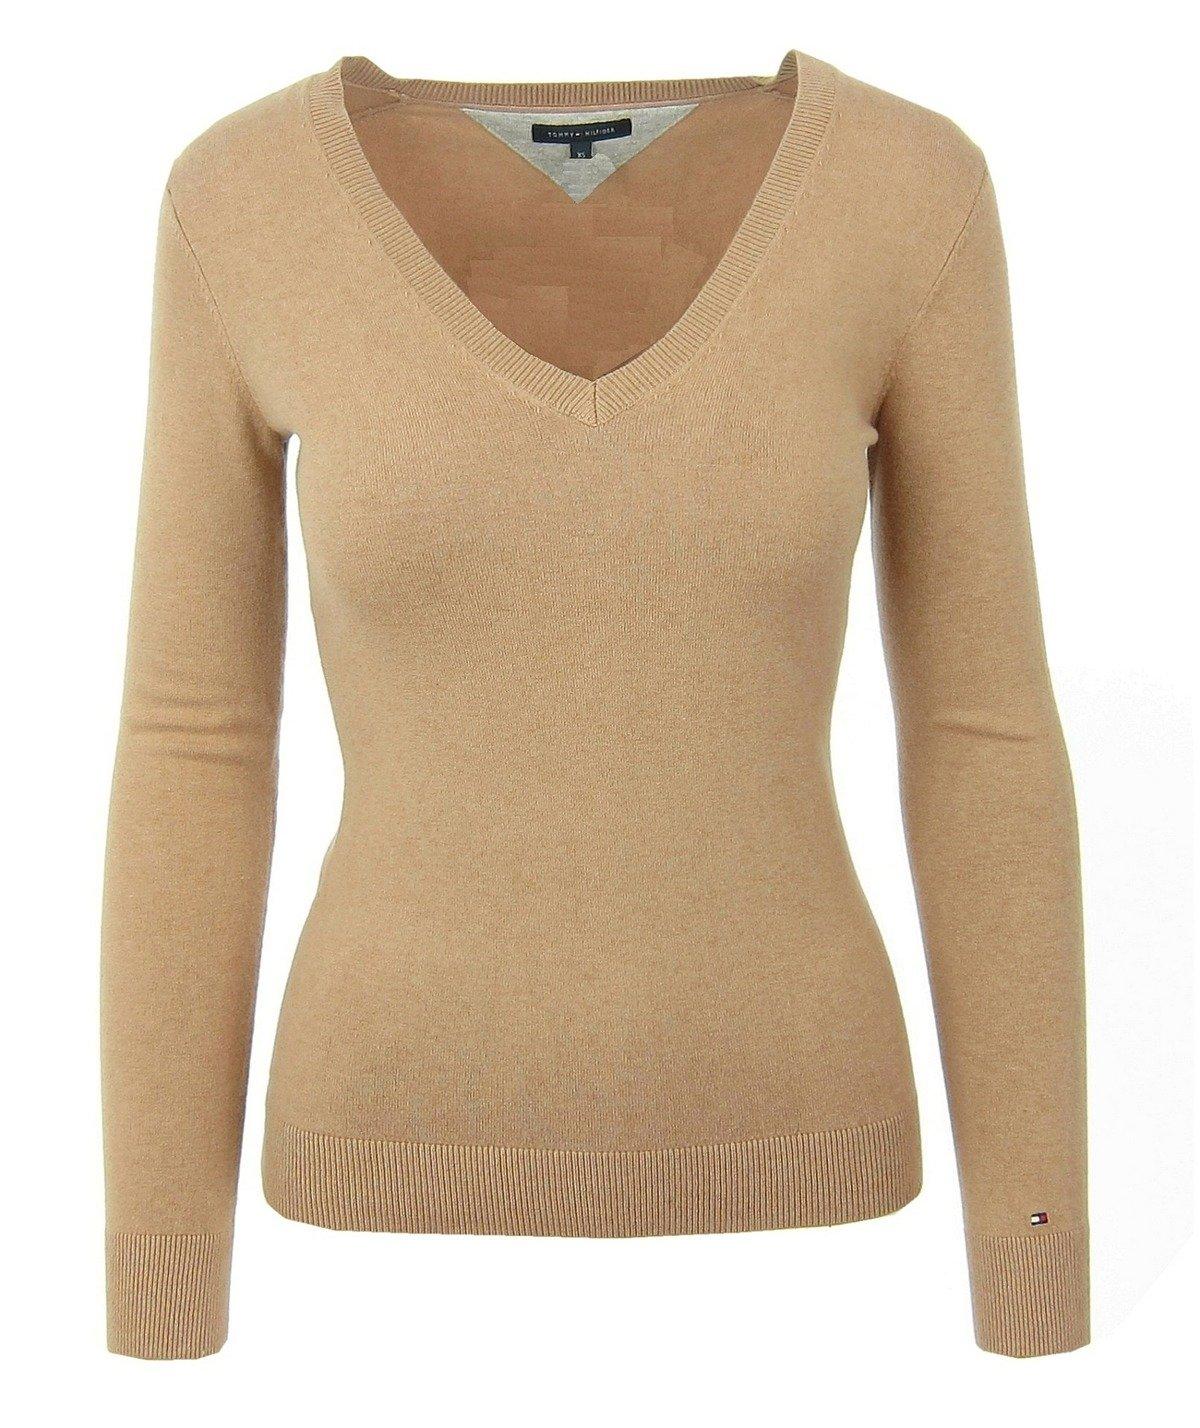 tommy hilfiger damen women pullover sweater strick v neck. Black Bedroom Furniture Sets. Home Design Ideas